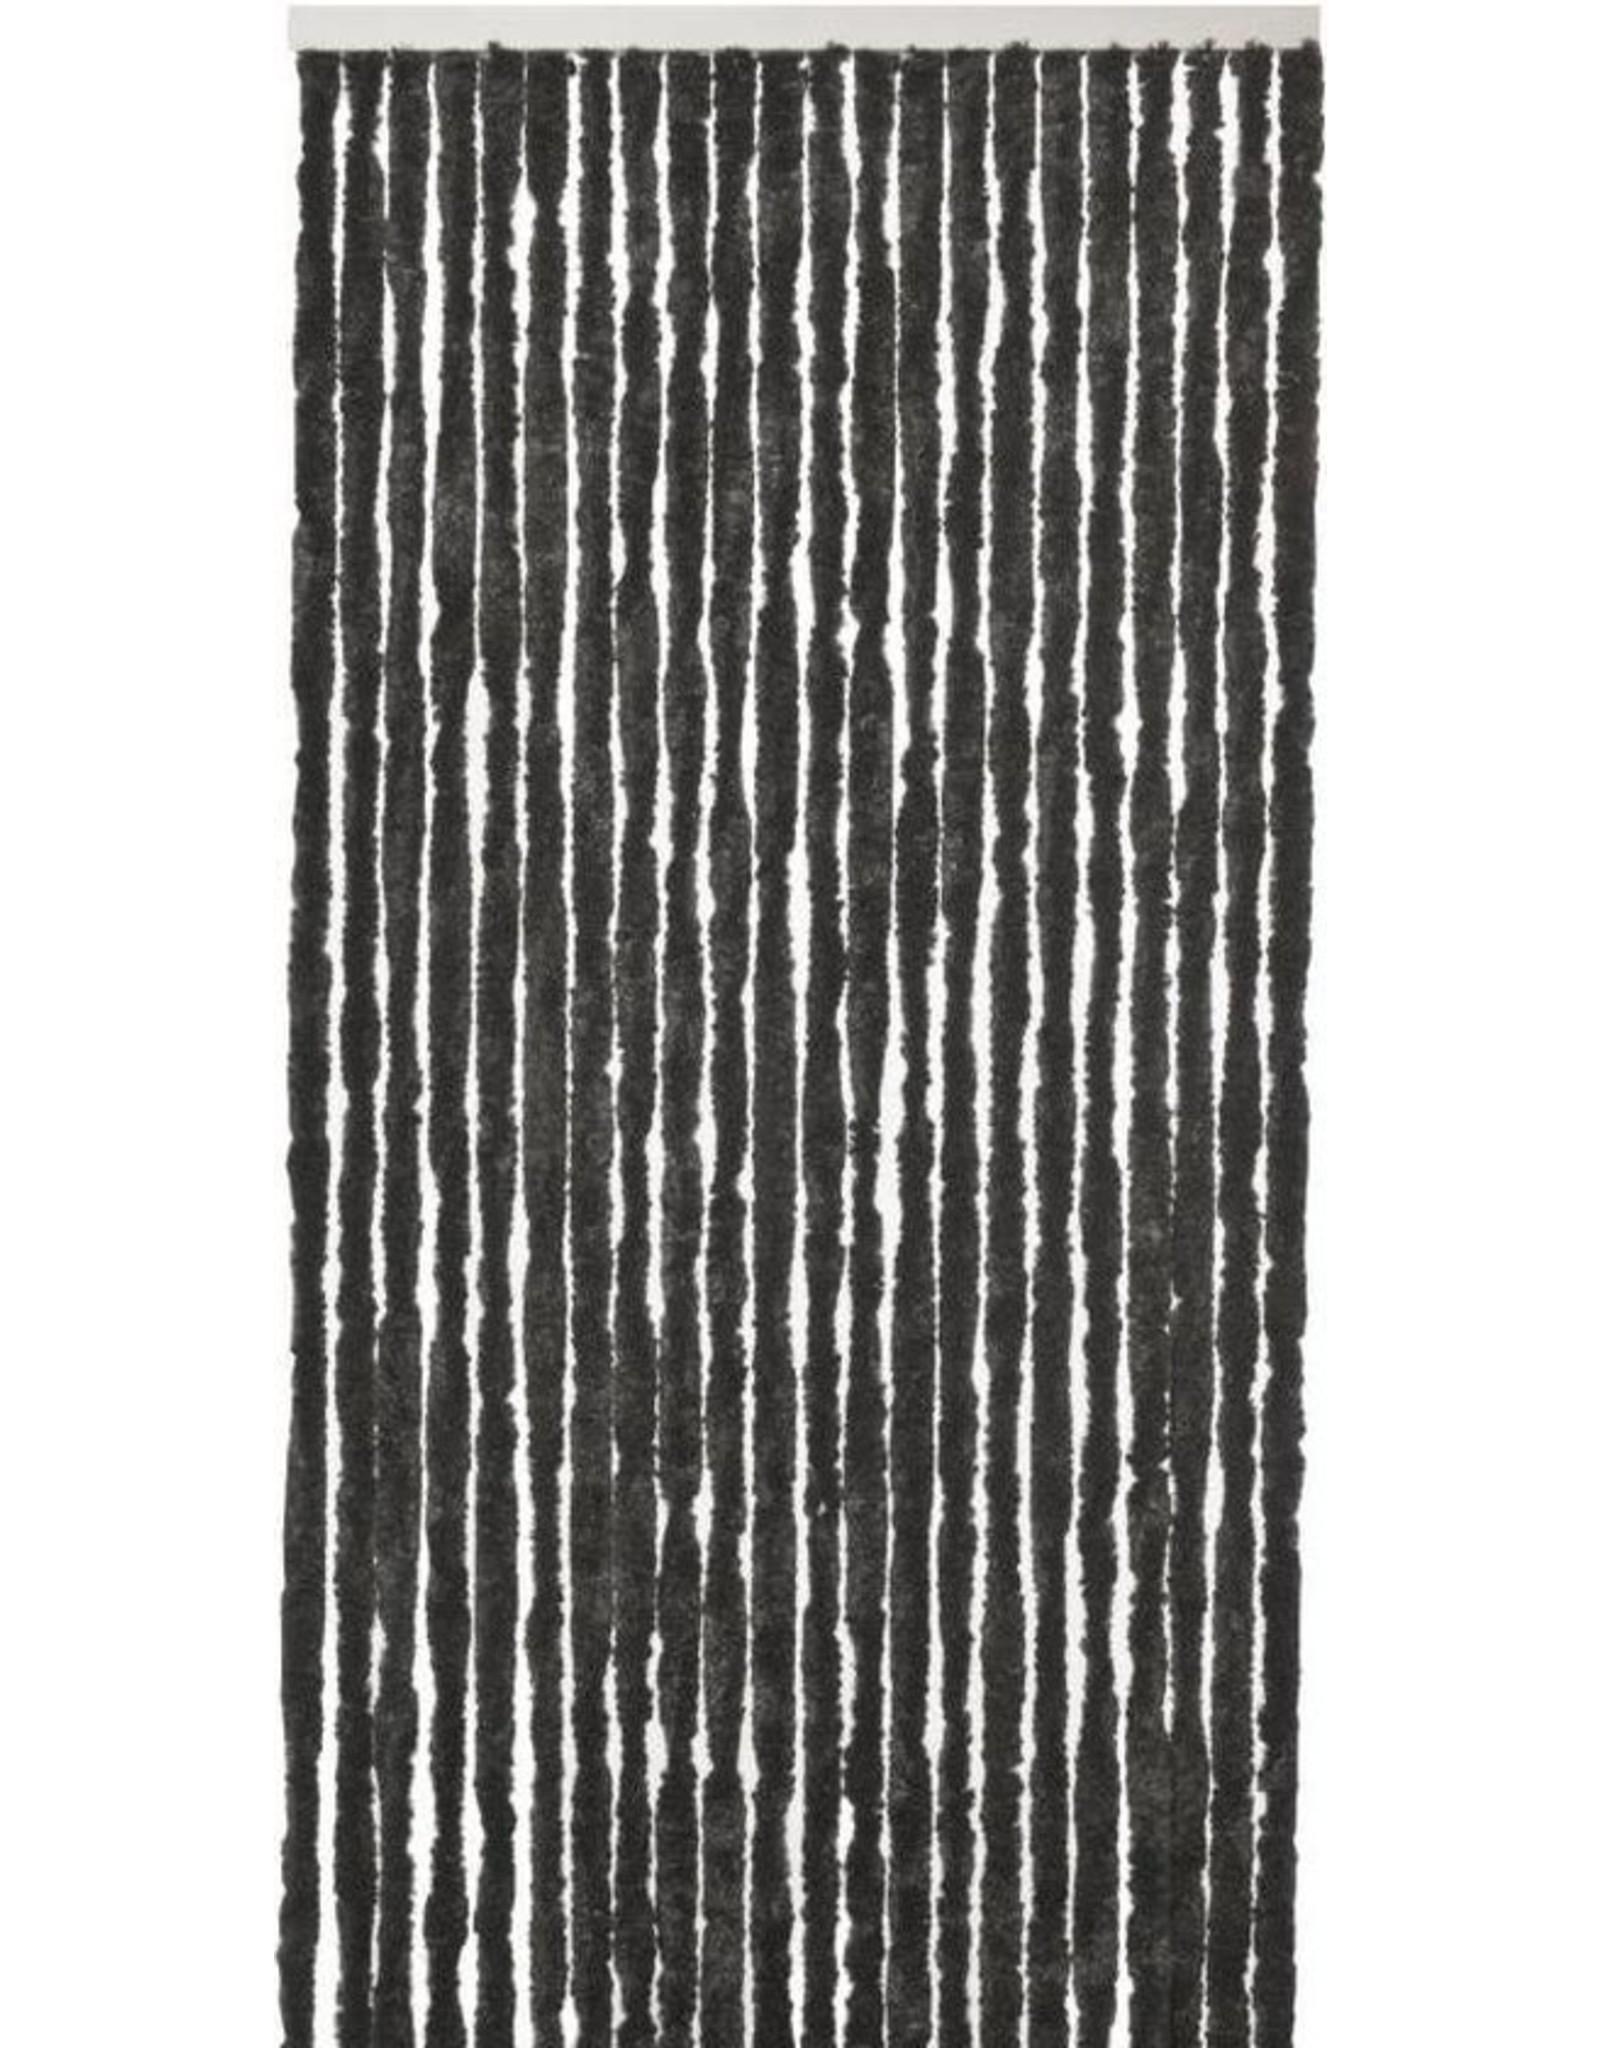 Vliegengordijn Kattenstaart - Zwart - 240x100 cm